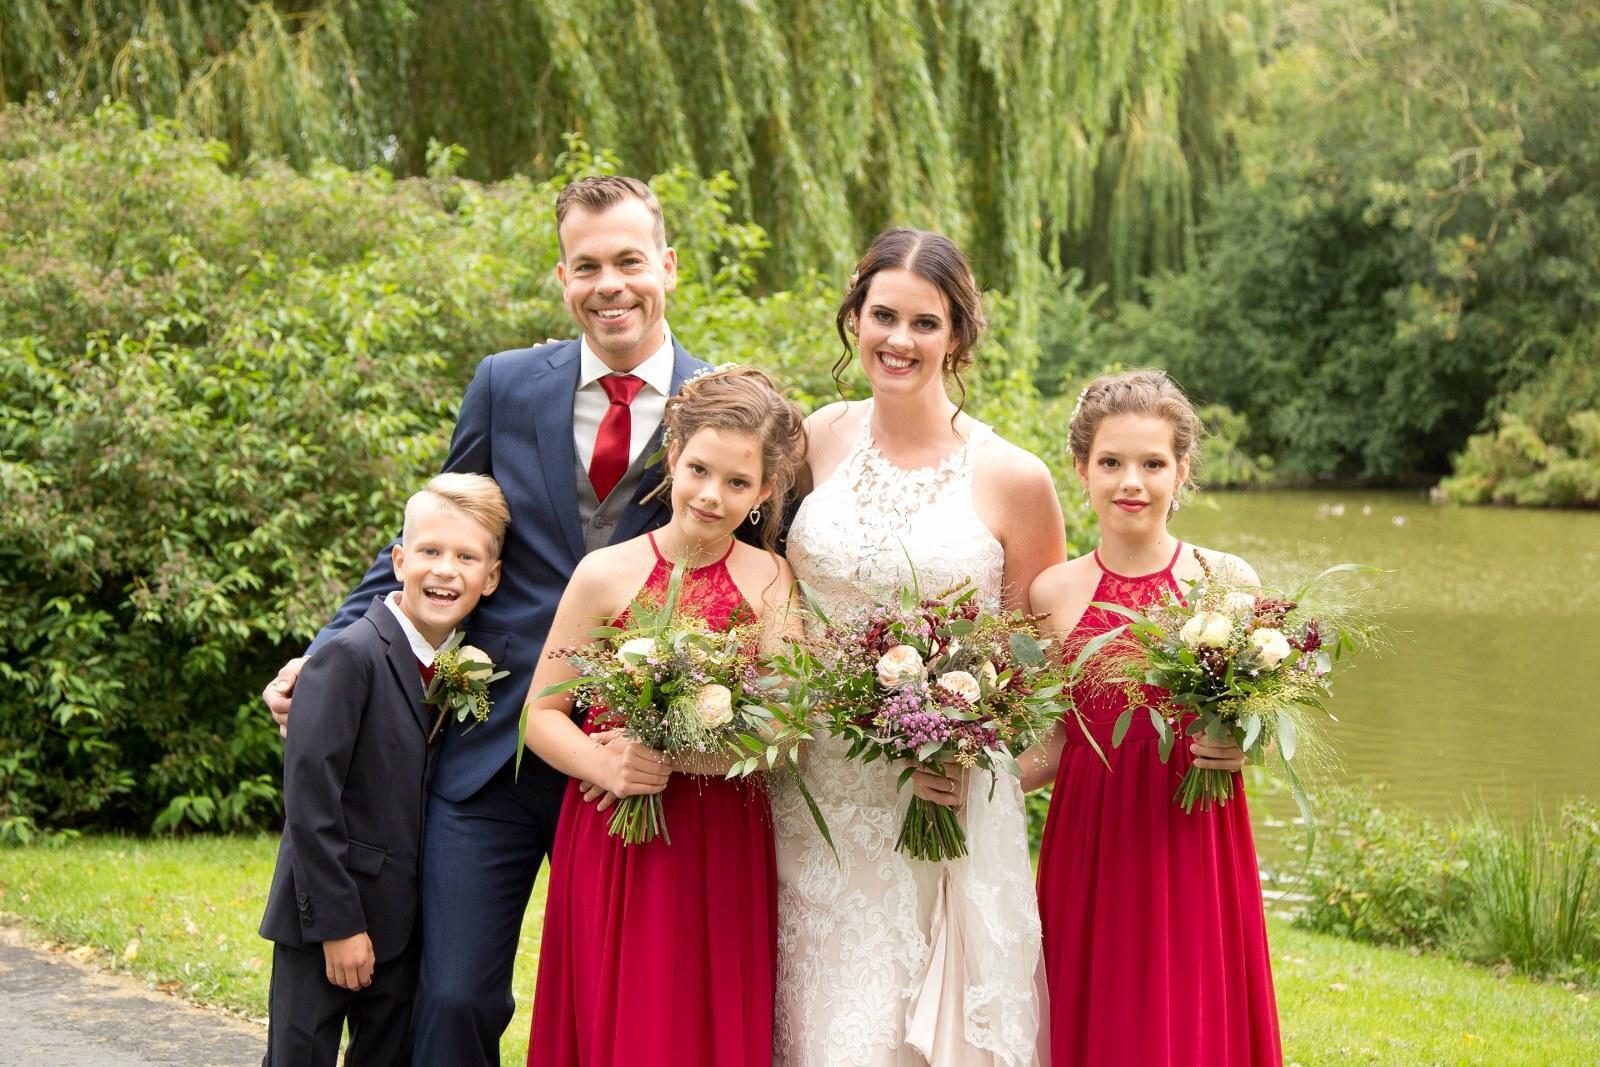 Blauw trouwpak met grijze gilet en rode accenten